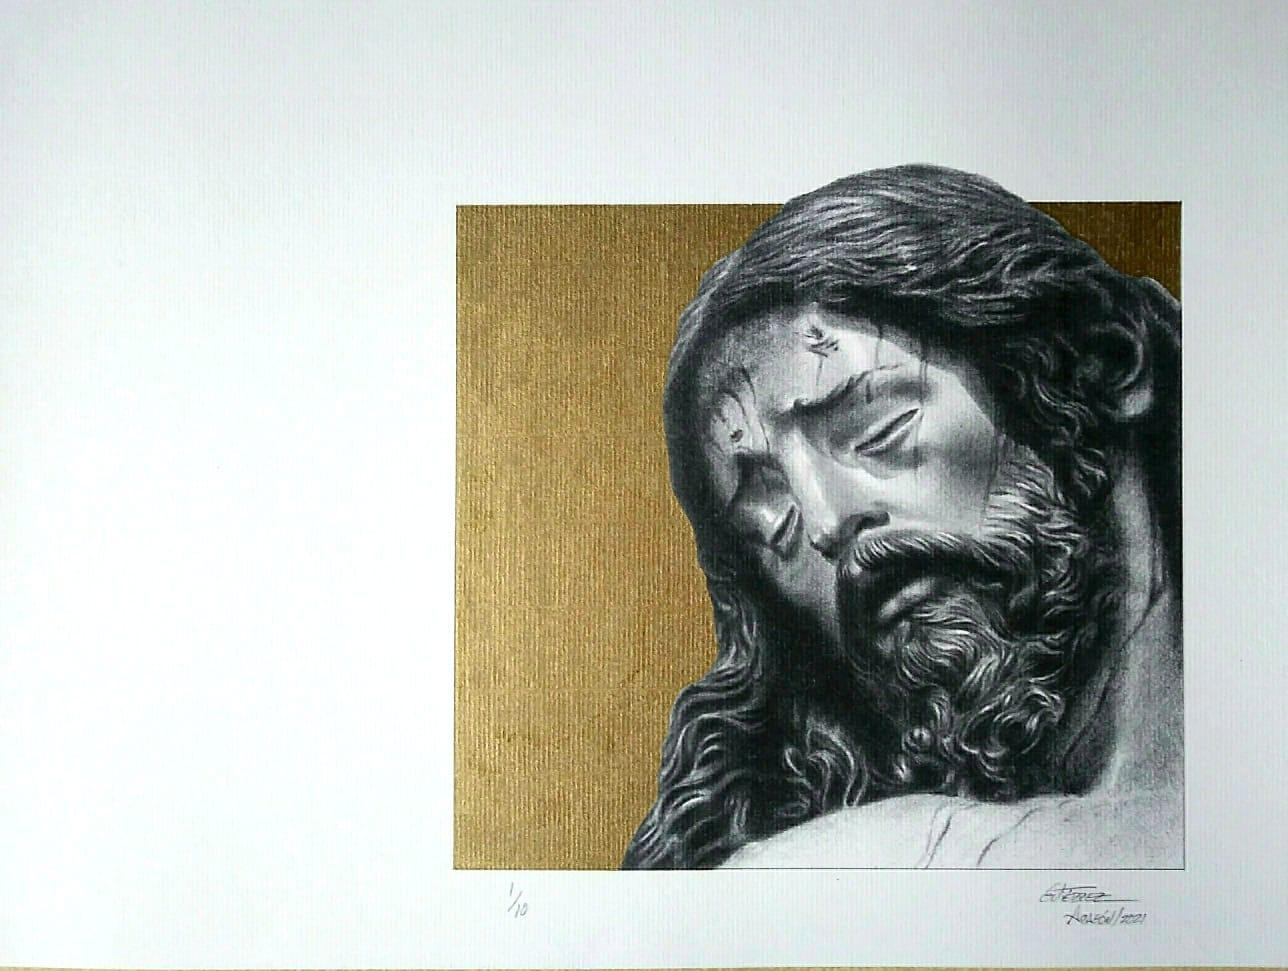 El Cristo de la Buena Muerte, nuevamente dibujado con maestría por Pepillo Gutiérrez Aragón